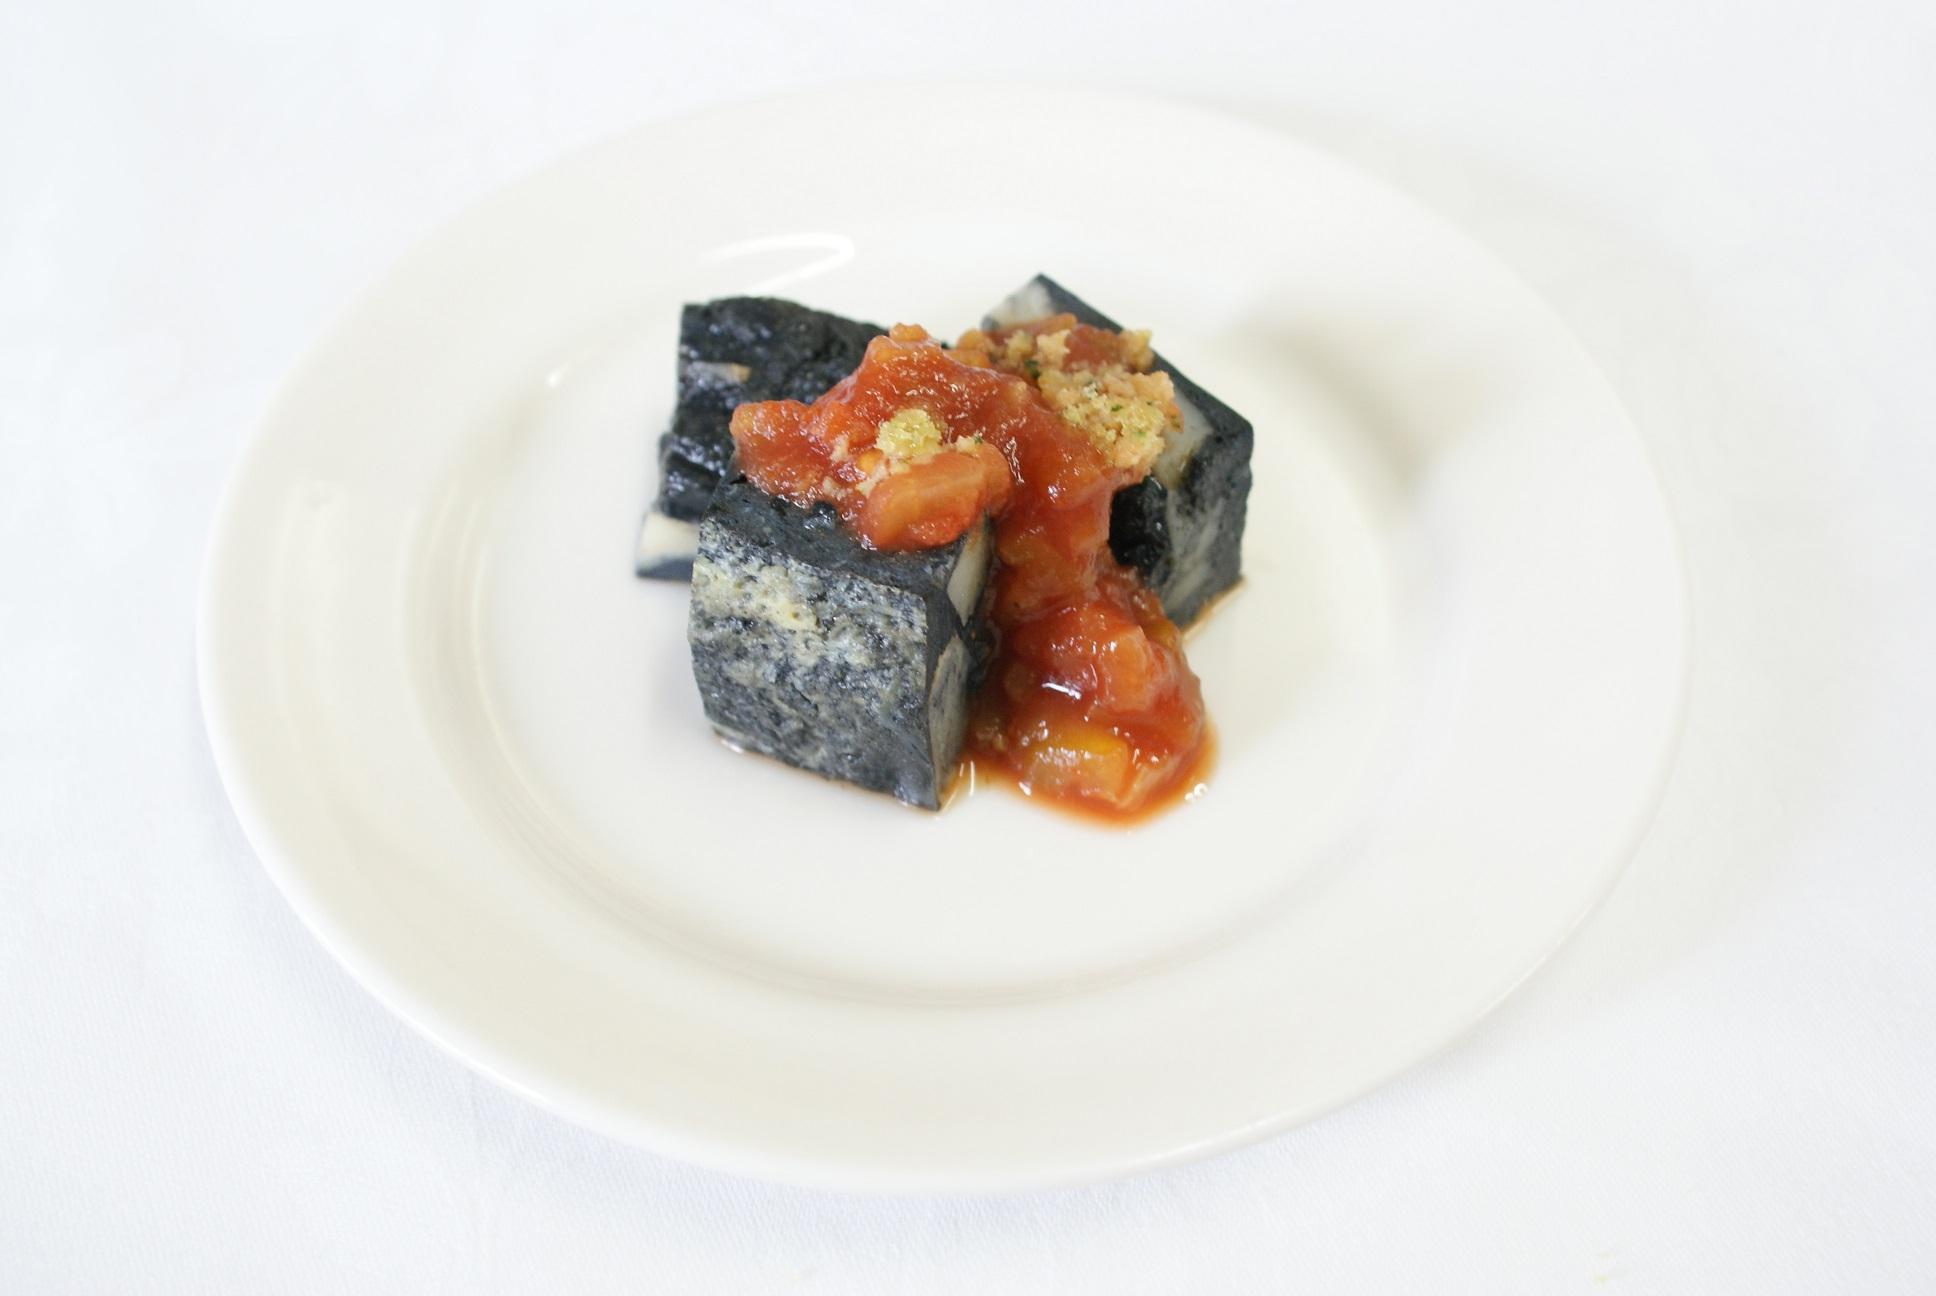 【完全個別包装のカップオードヴル】牛肉のソテーとフォアグラのロッシーニ風 と選べるカップオードヴル画像6